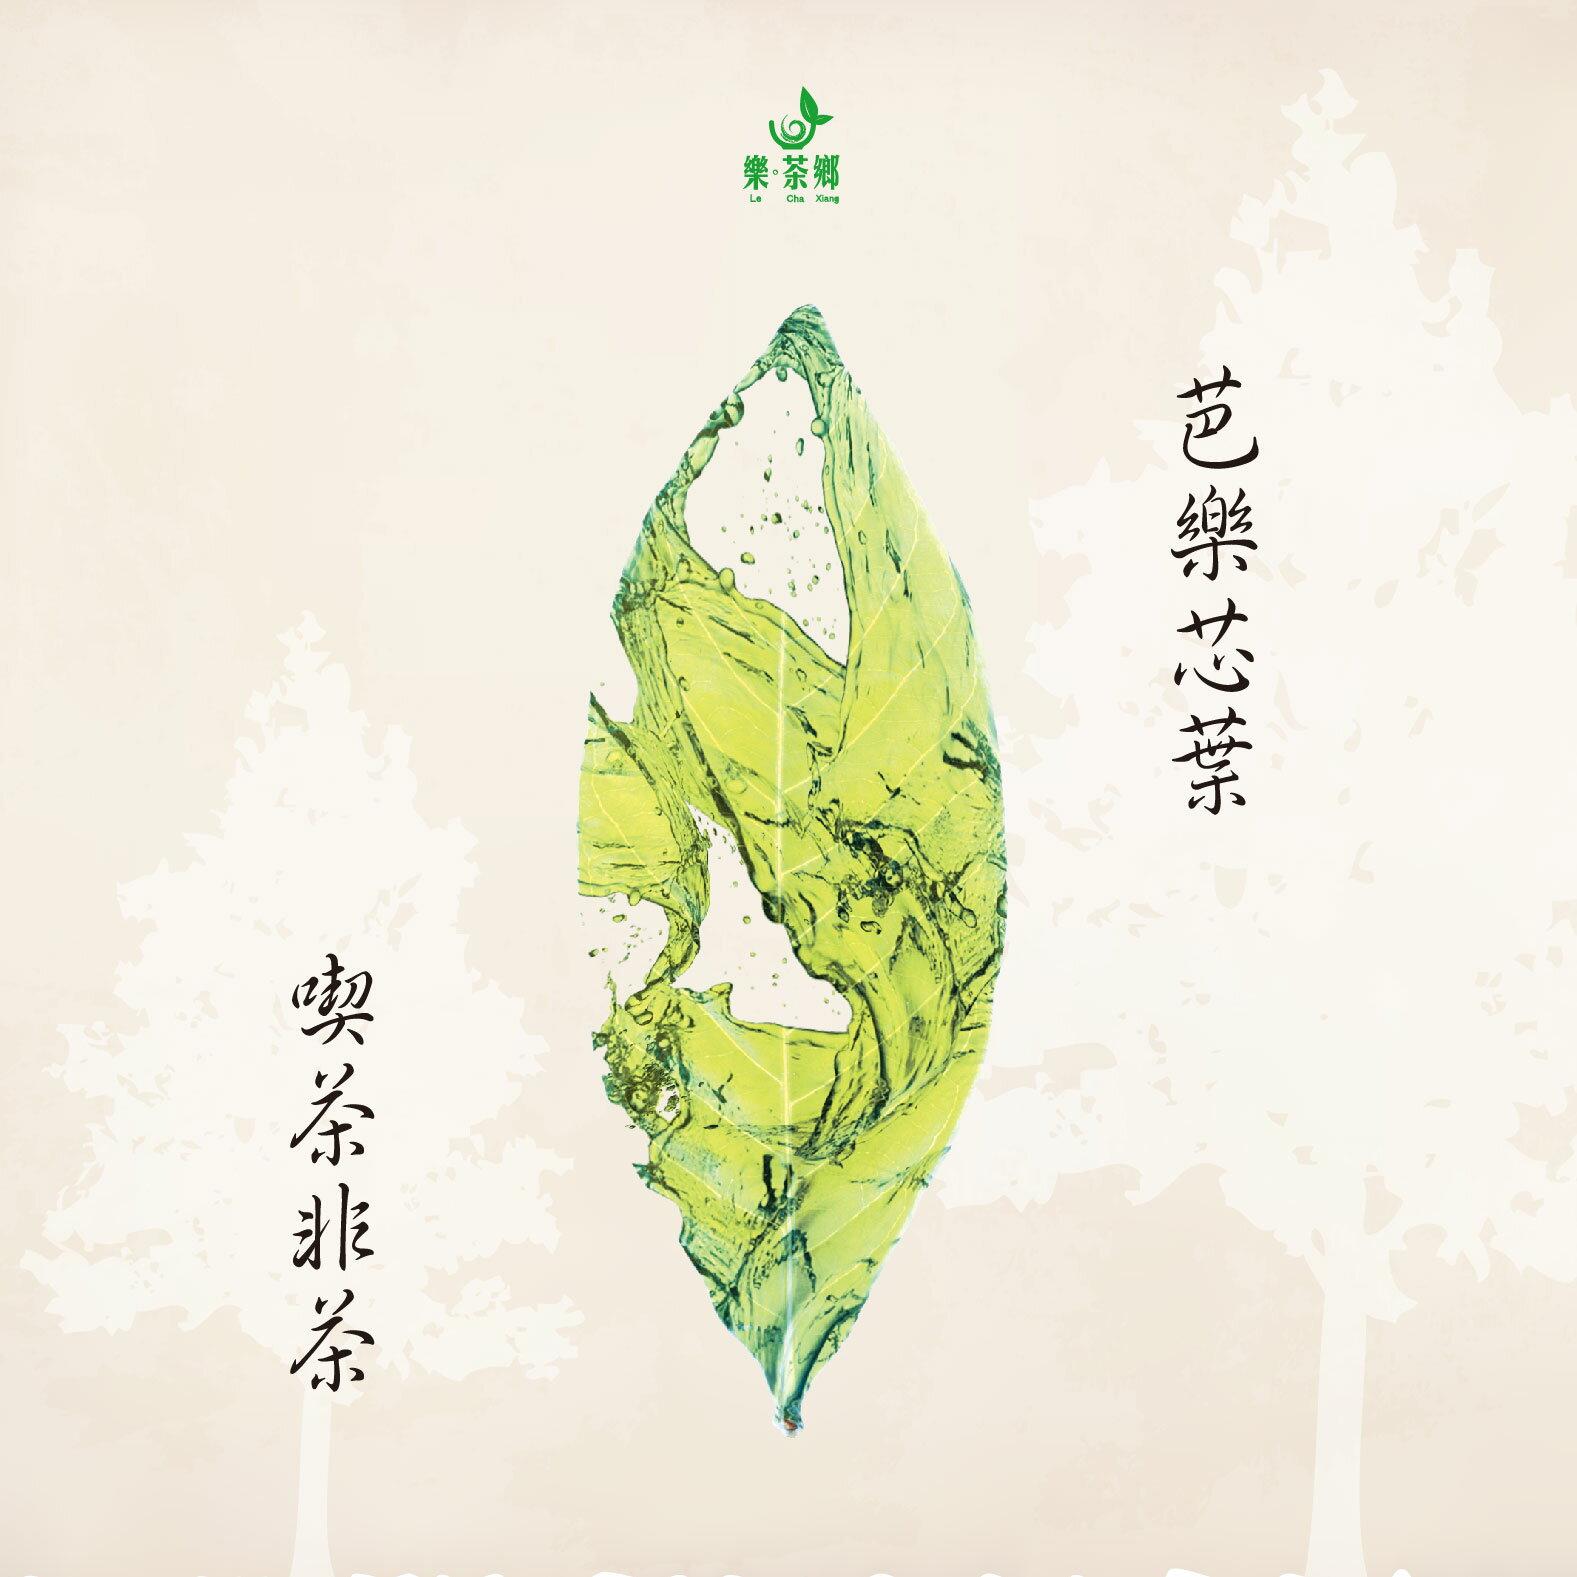 【樂茶鄉】芭樂芯葉茶茶包/臺灣國寶茶。不含咖啡因,來自台東農家,具天然果香,清新淡雅,可數次回沖。茶葉/茶包@養生之道 4